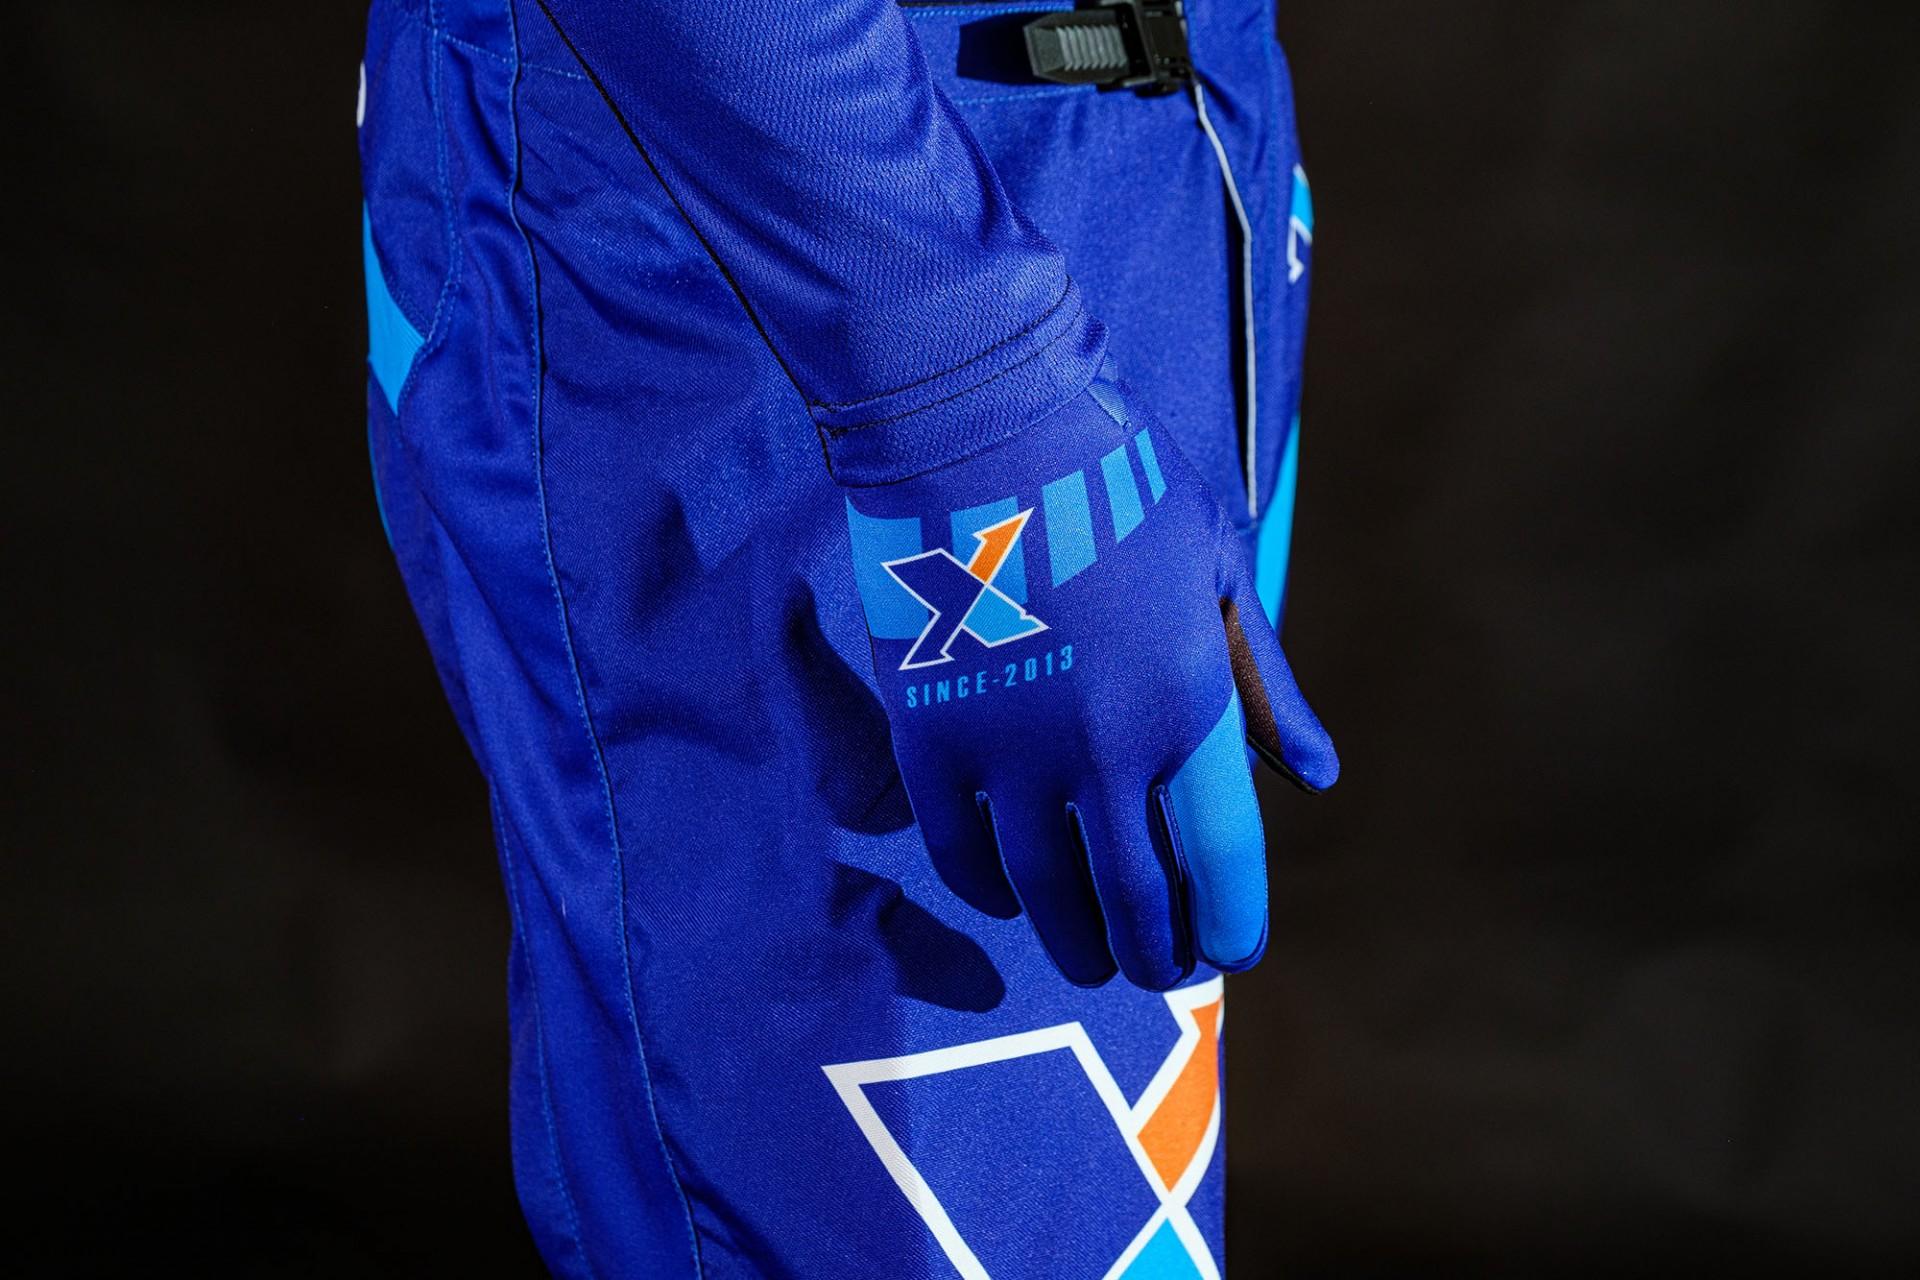 Luvas XTRB - AJJ Azul